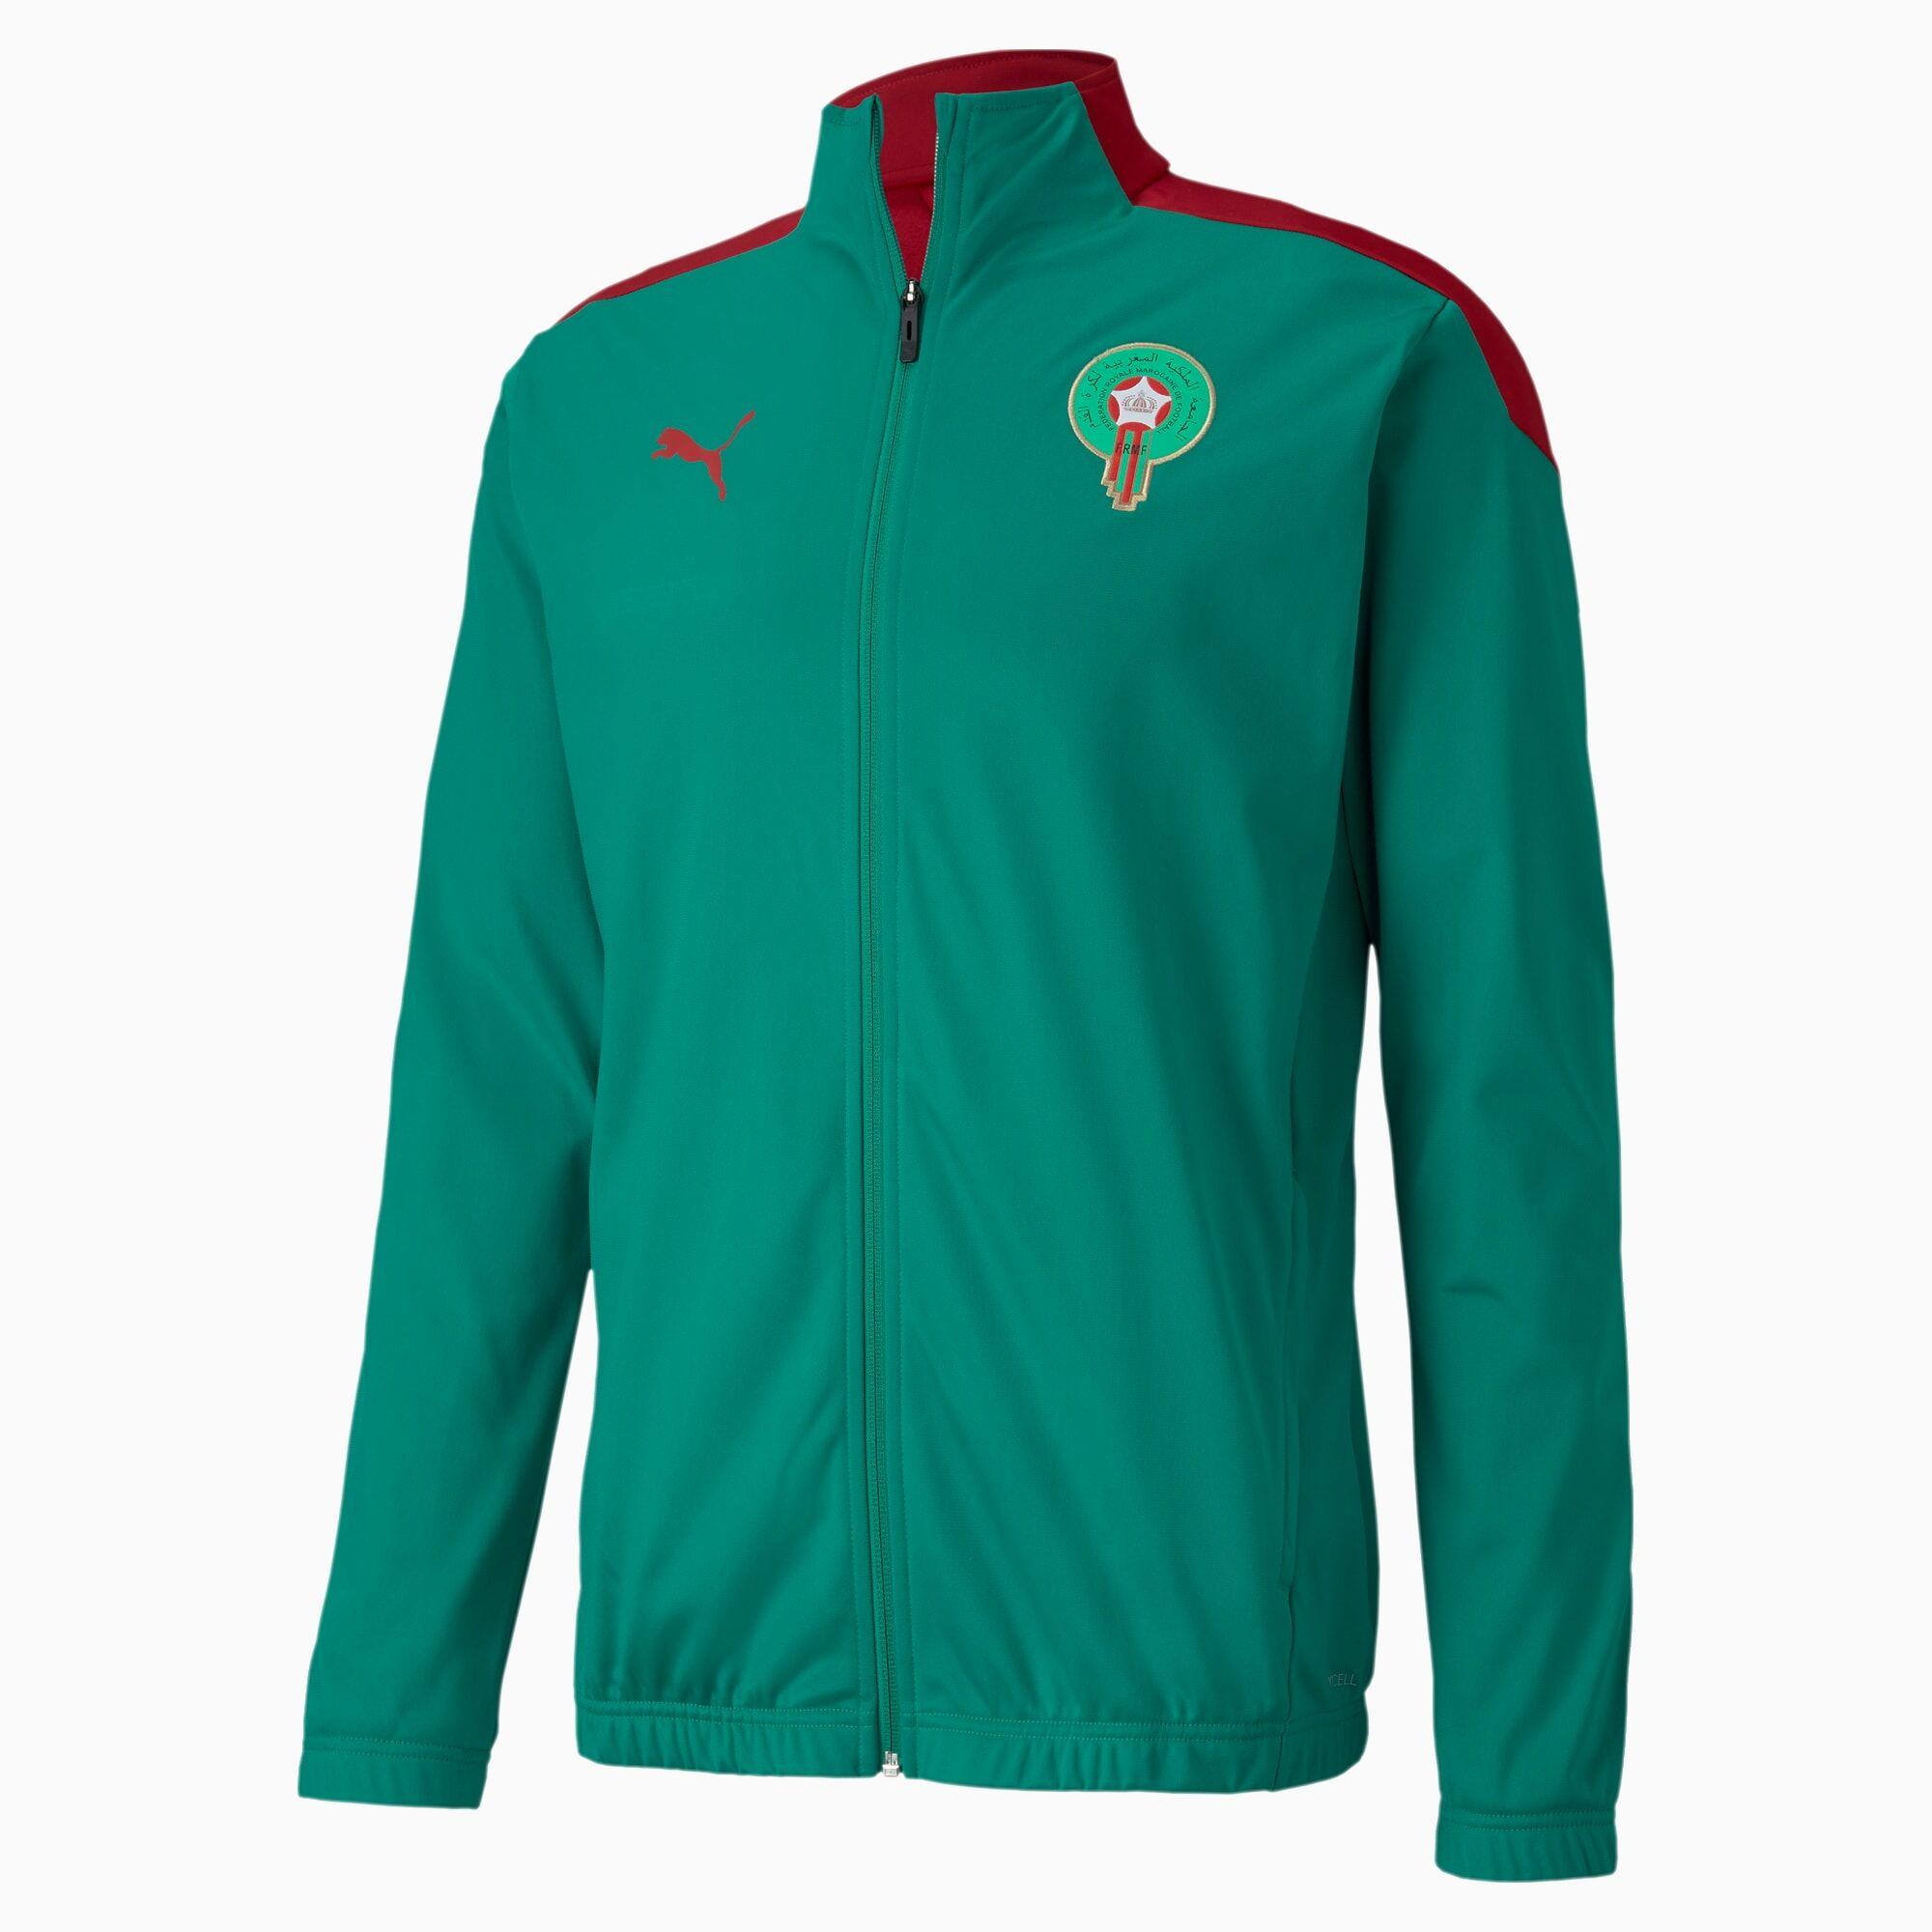 PUMA Blouson Maroc Stadium pour Homme, Vert/Rouge, Taille S, Vêtements